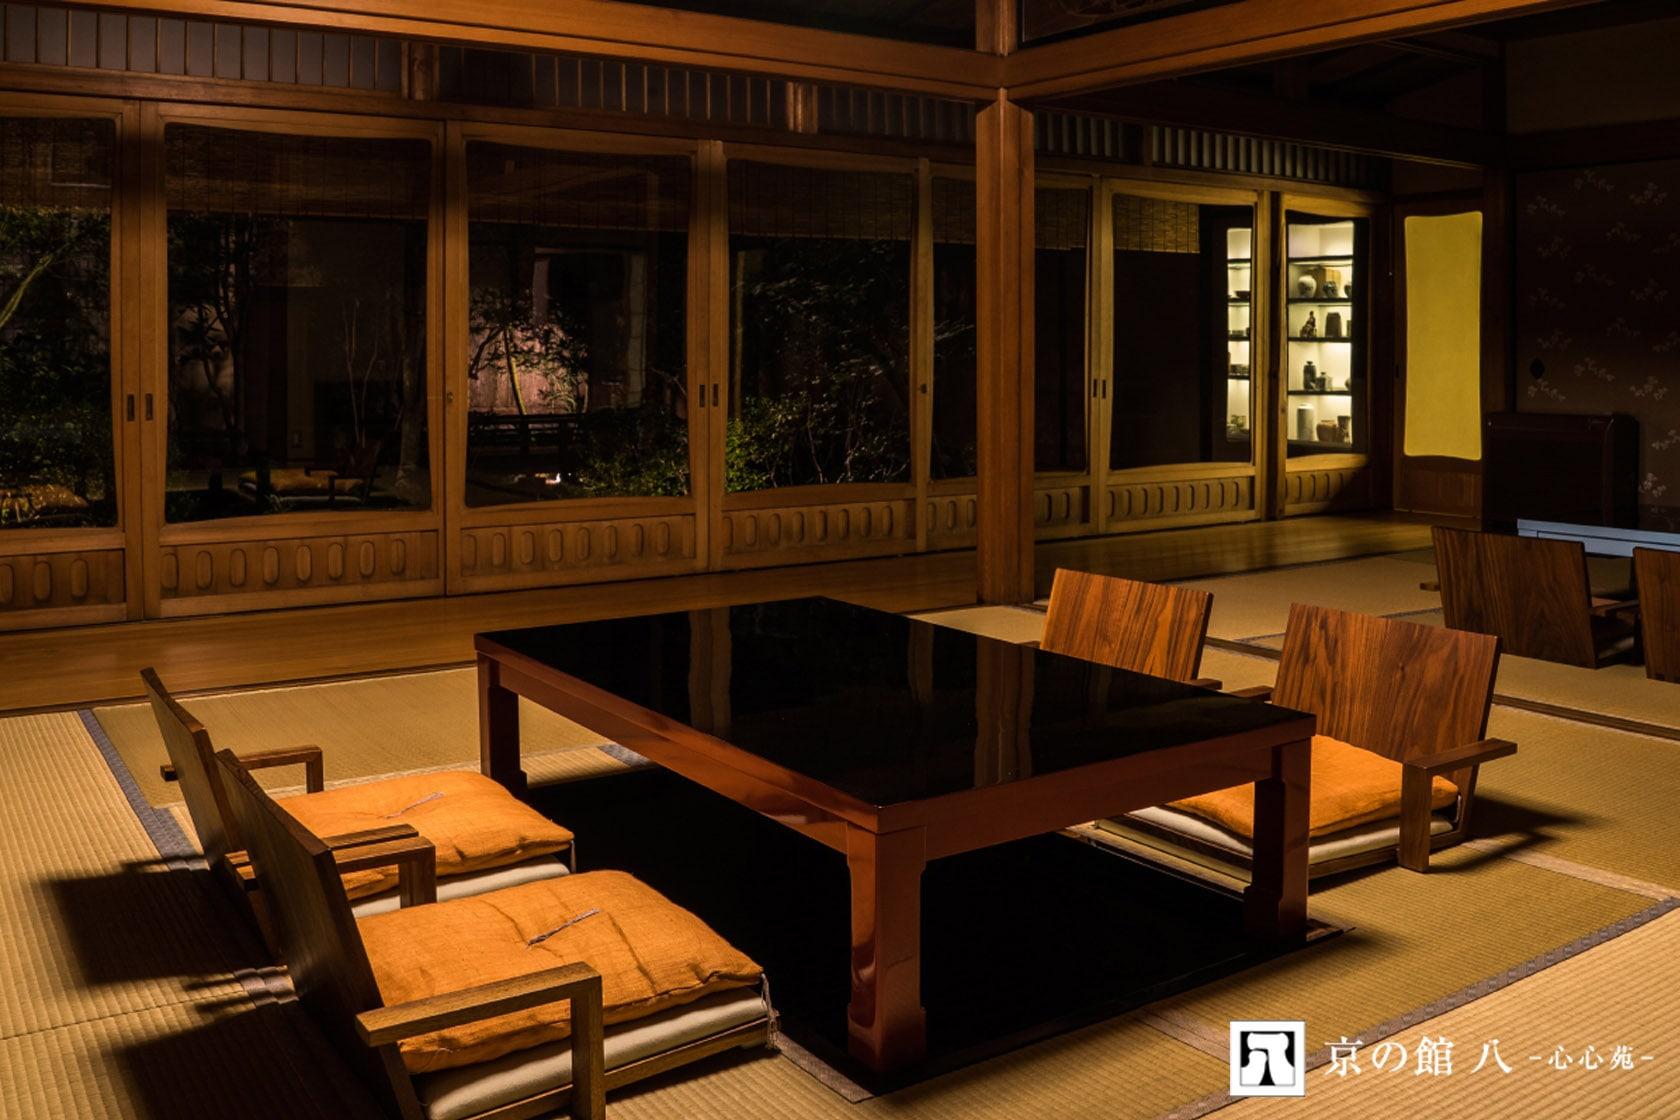 .。*゚+.*.。ゆったりとした心休まる、京の館 八-心心苑- ゚+..。*゚+